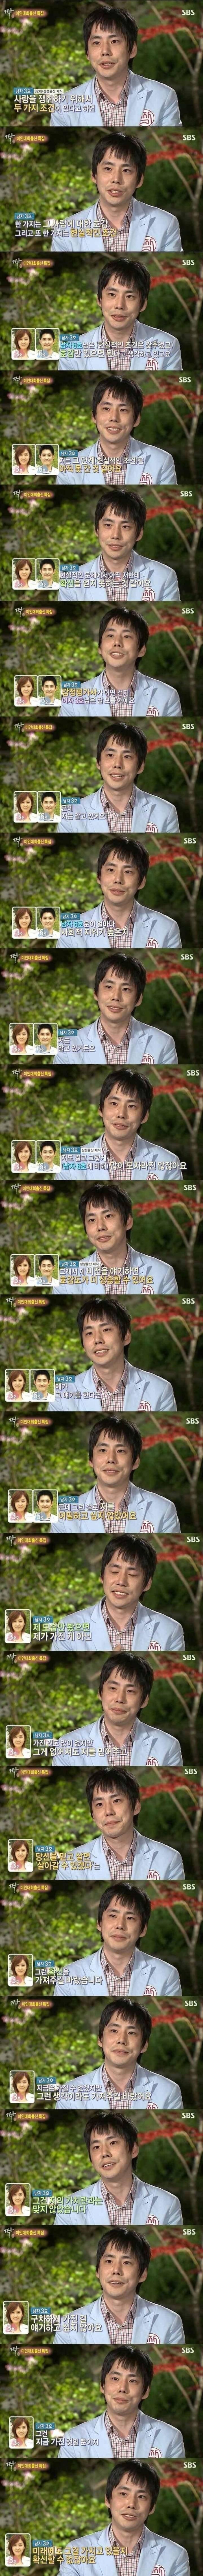 레전드로 남은 짝 남자 3호 인터뷰.jpg | 인스티즈